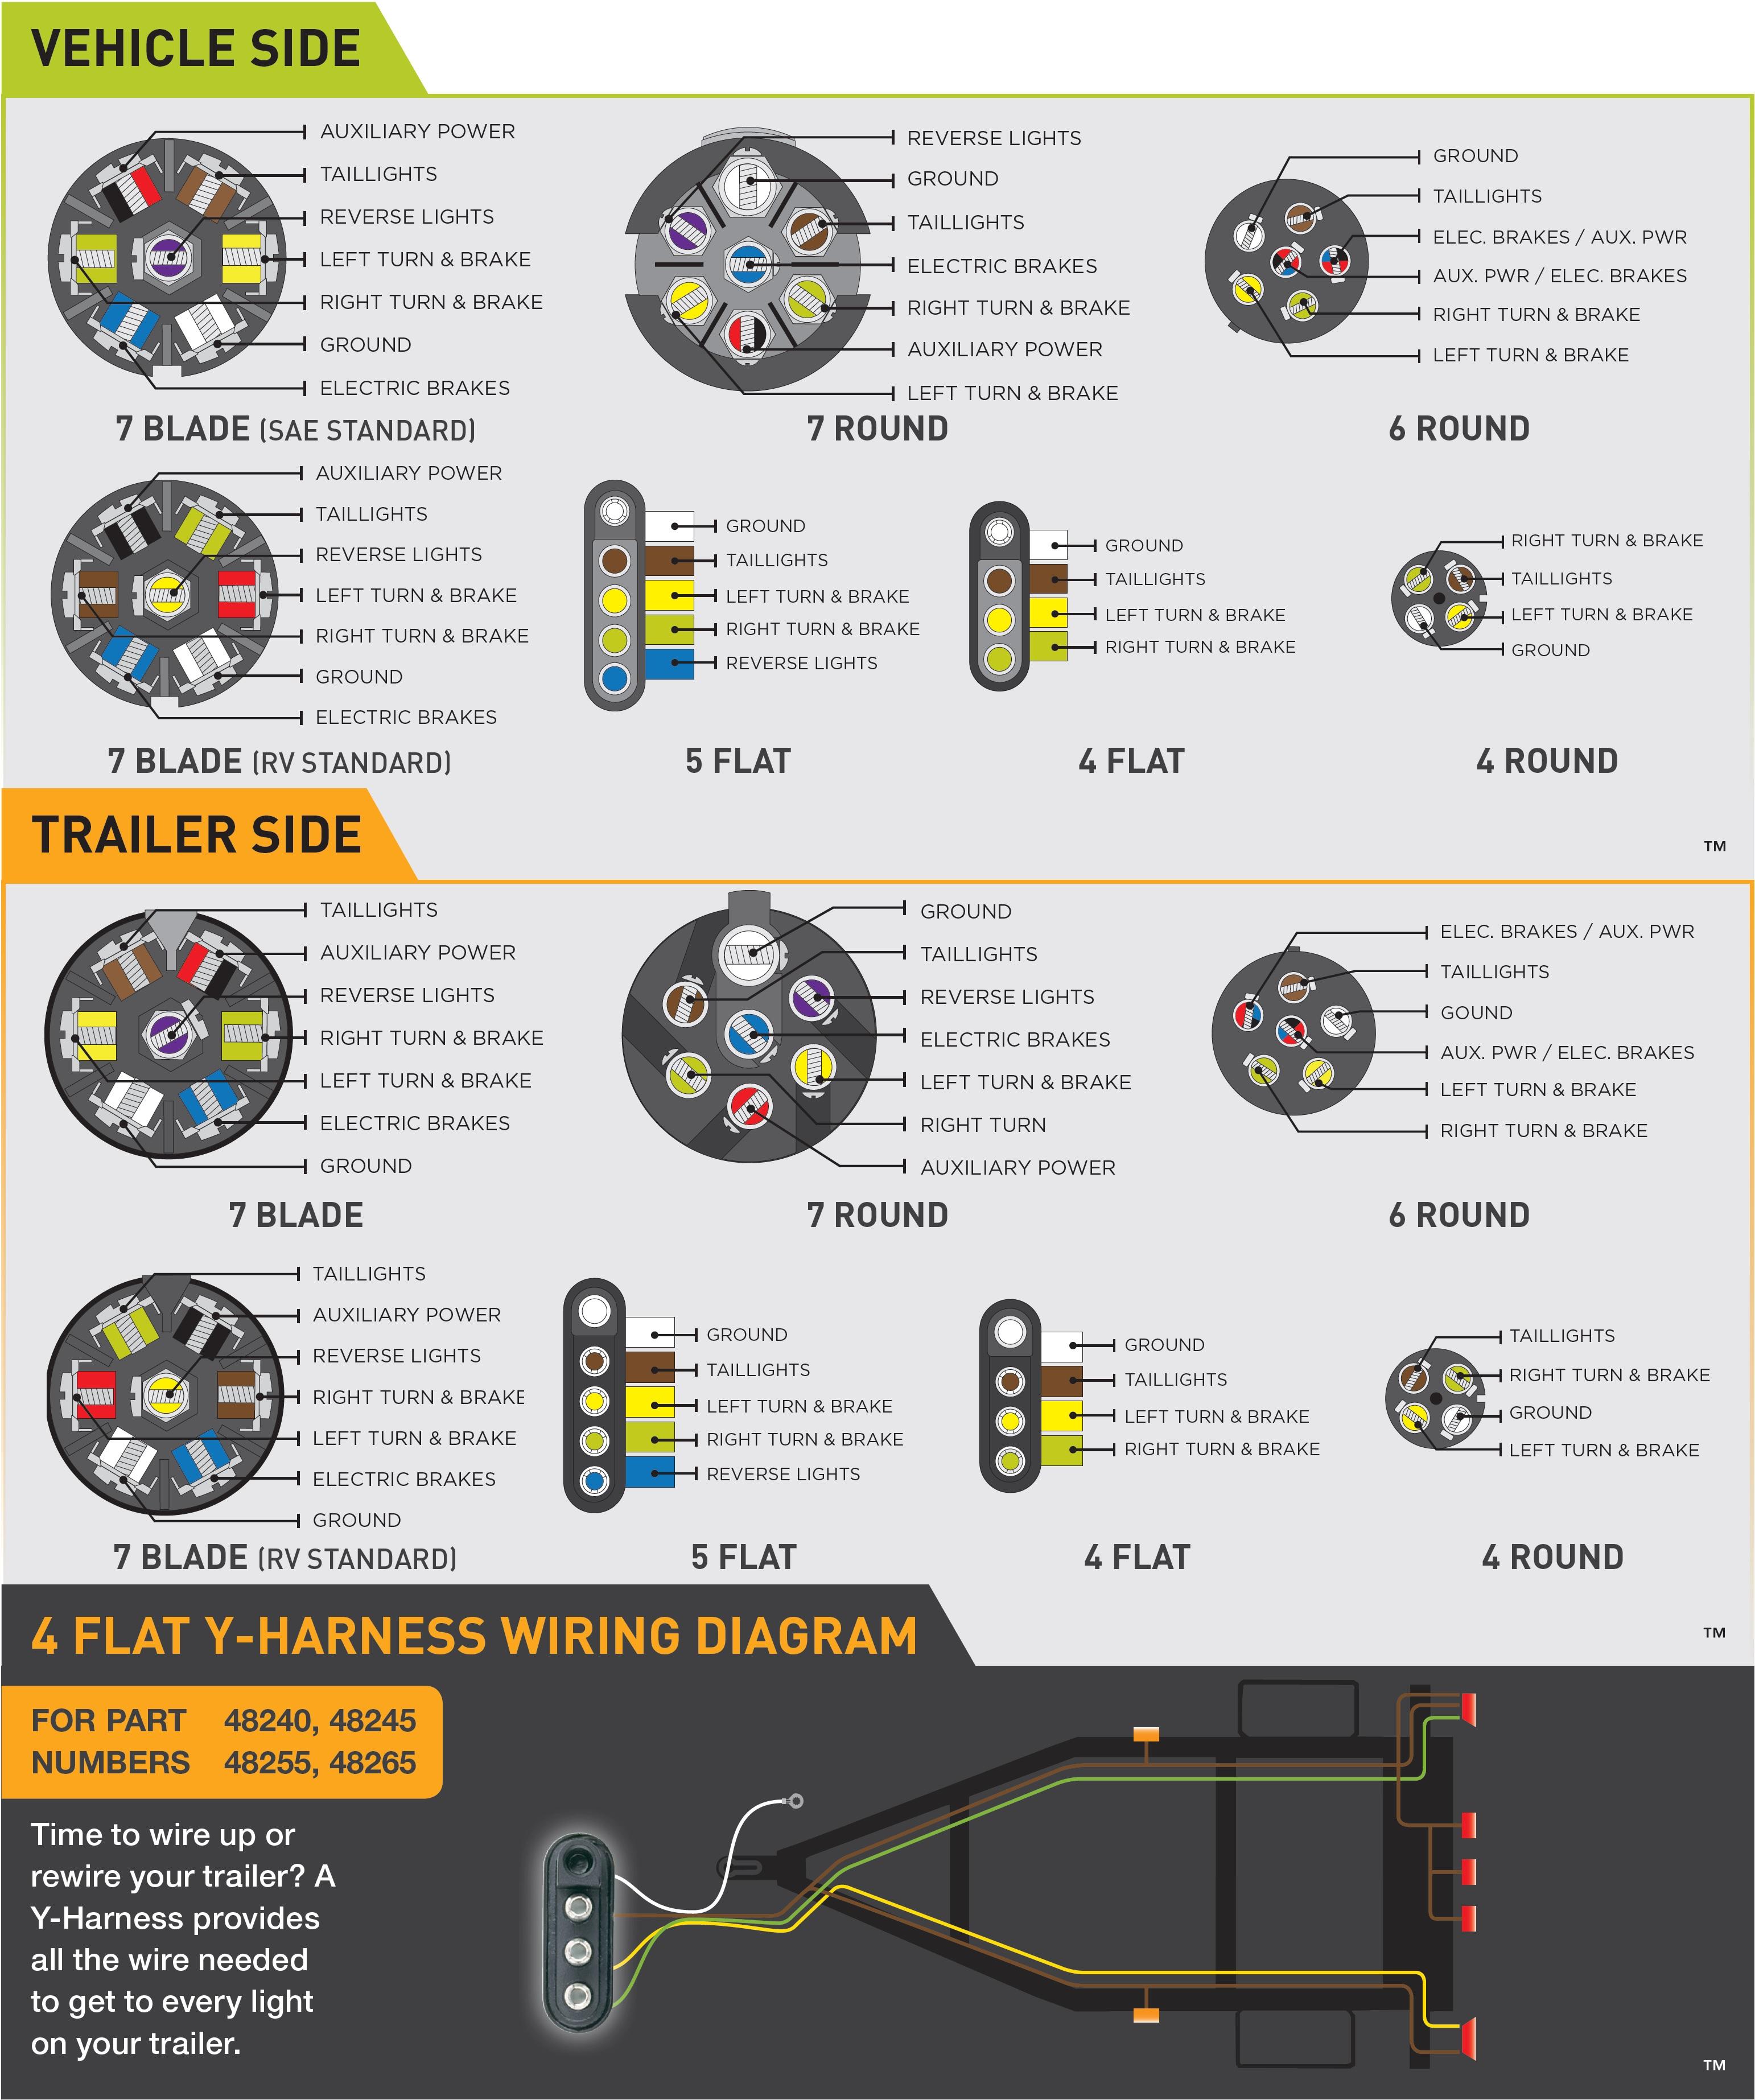 Semi Truck Trailer Plug Wiring Diagram | Wiring Diagram - Semi Truck Trailer Plug Wiring Diagram